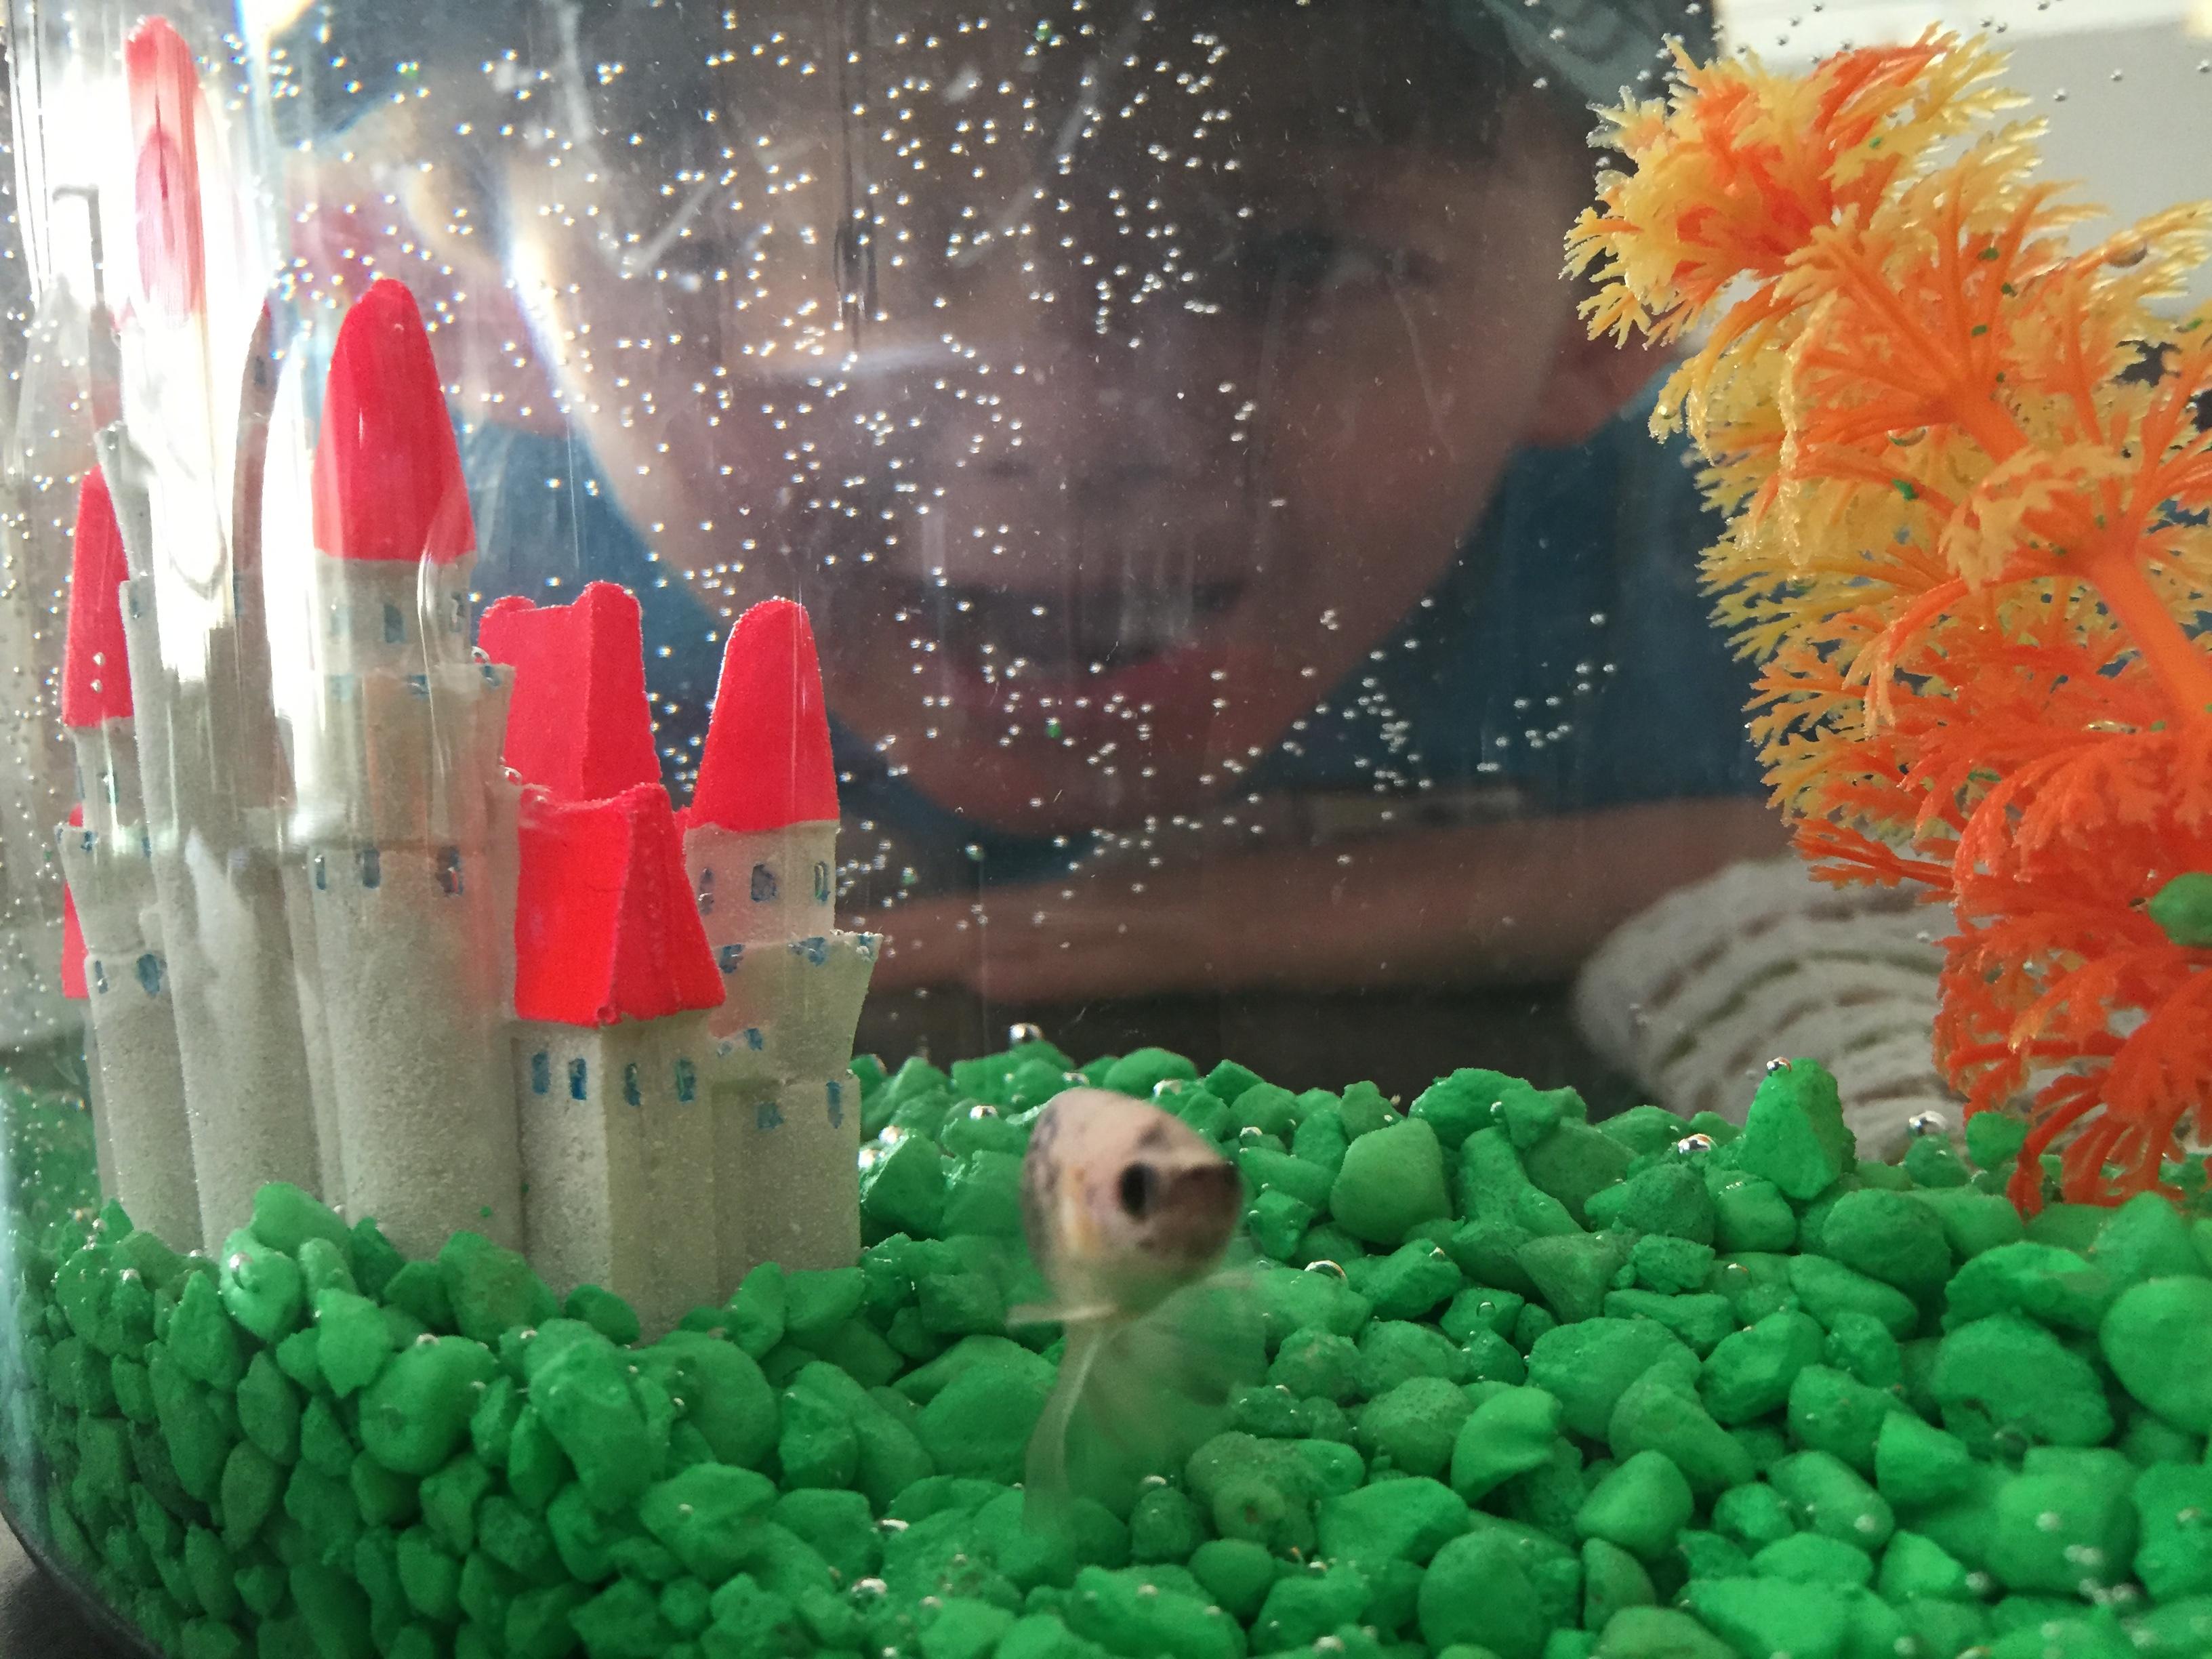 Charllie and his betta fish, Harold.